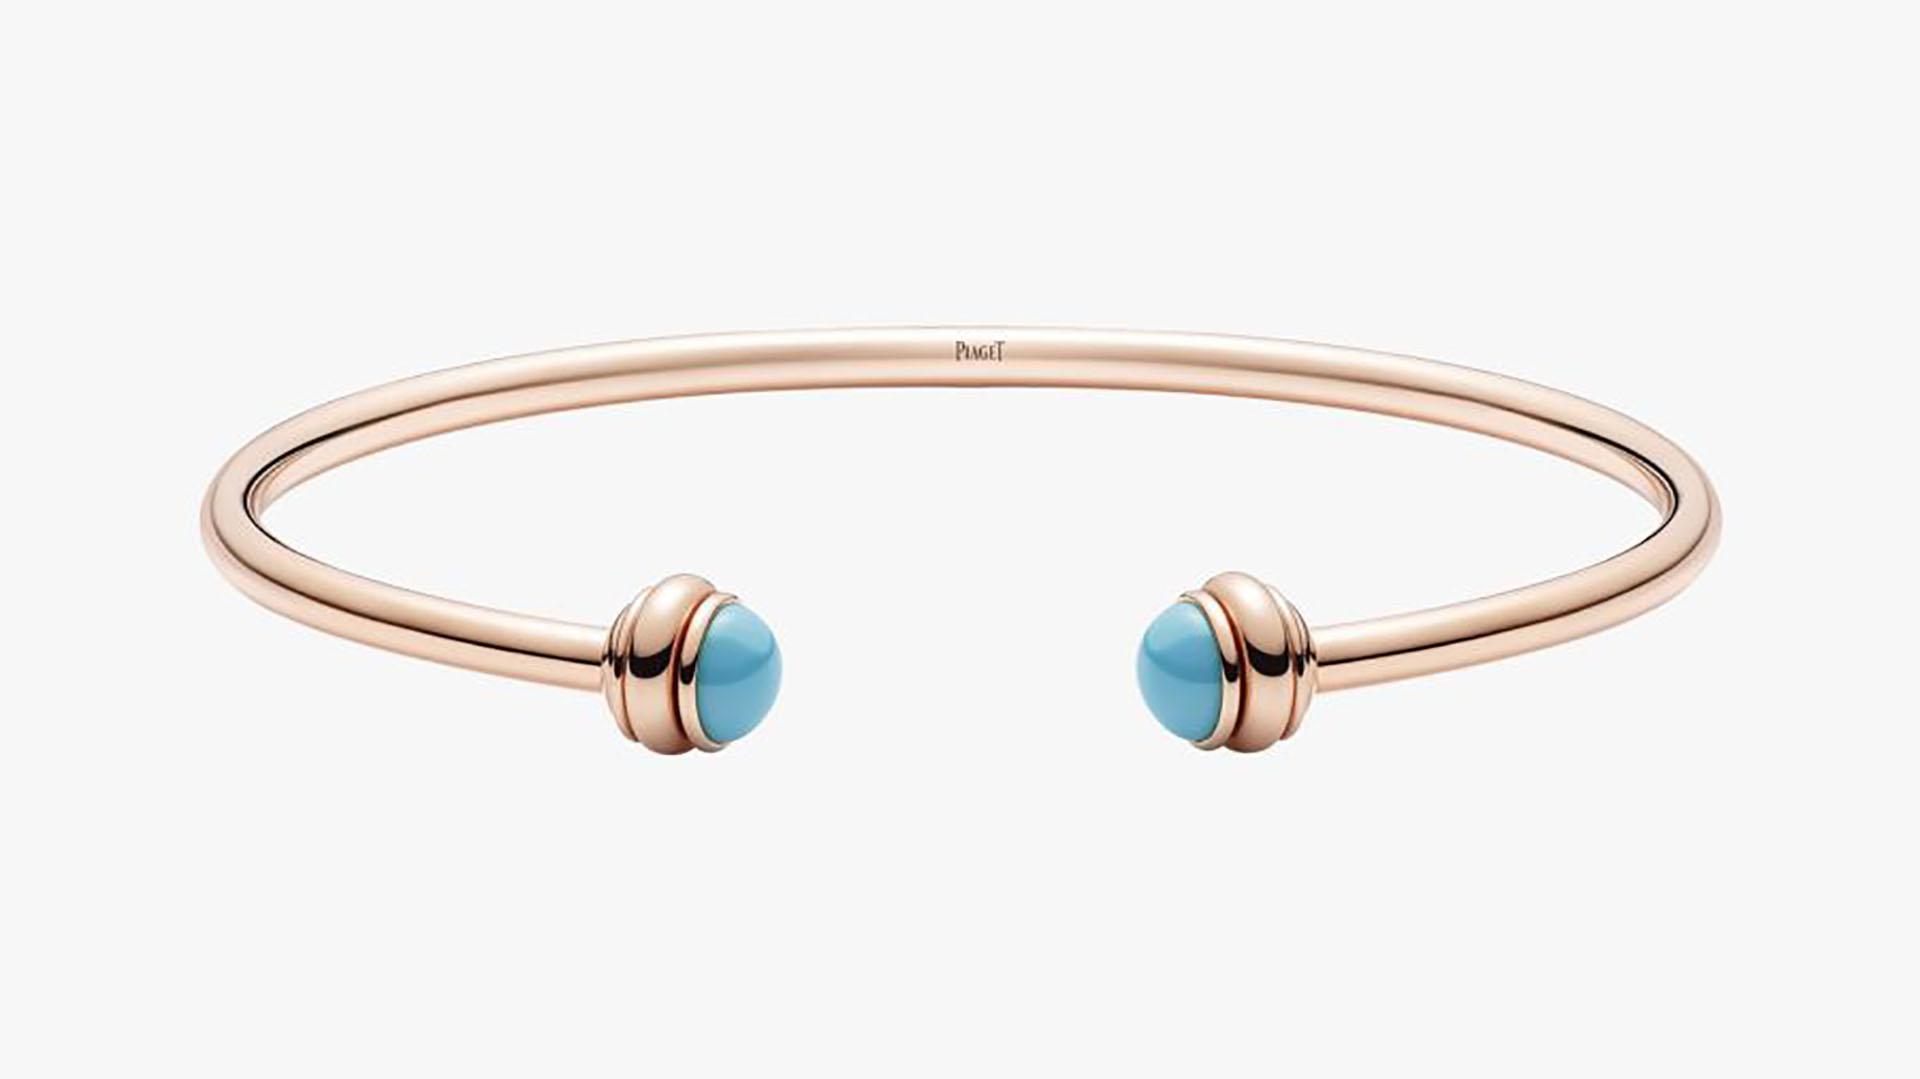 Desde 2.260 dólares, este brazalete está a la venta en diferentes colores. Una pieza también de la colección de Possession realizado en oro rosa de 18 quilates con dos cabujones en color turquesa (Piaget)